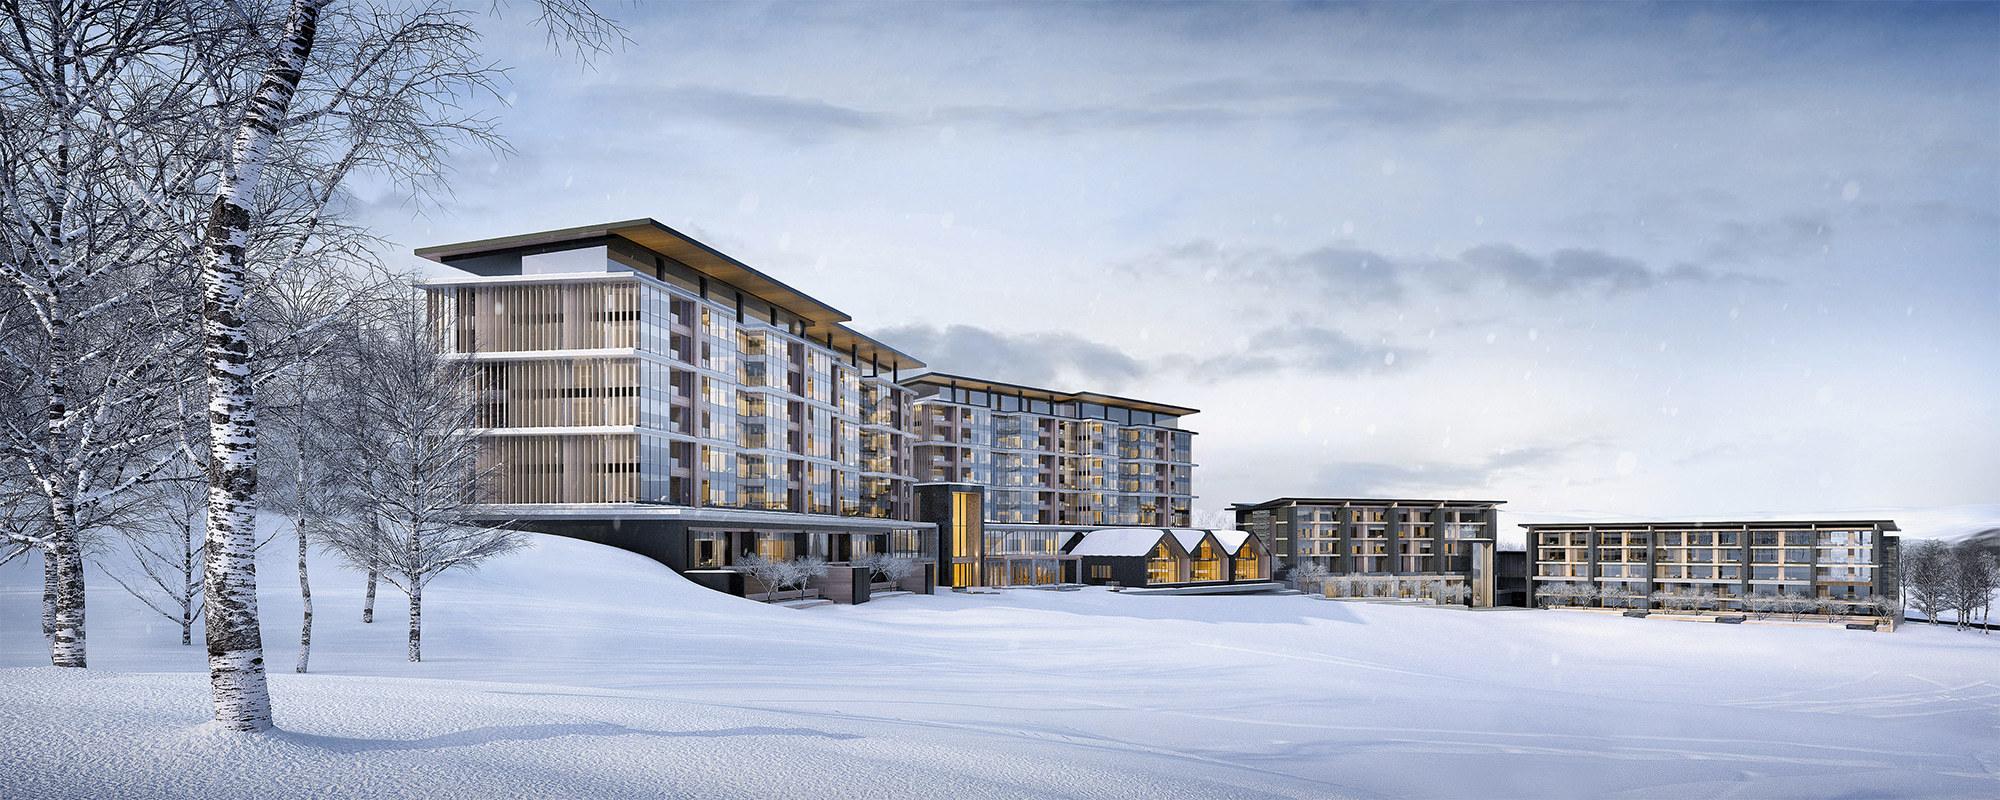 アルペンロッジをイメージしたホテルからは、羊蹄山とニセコ連峰を一望できる。